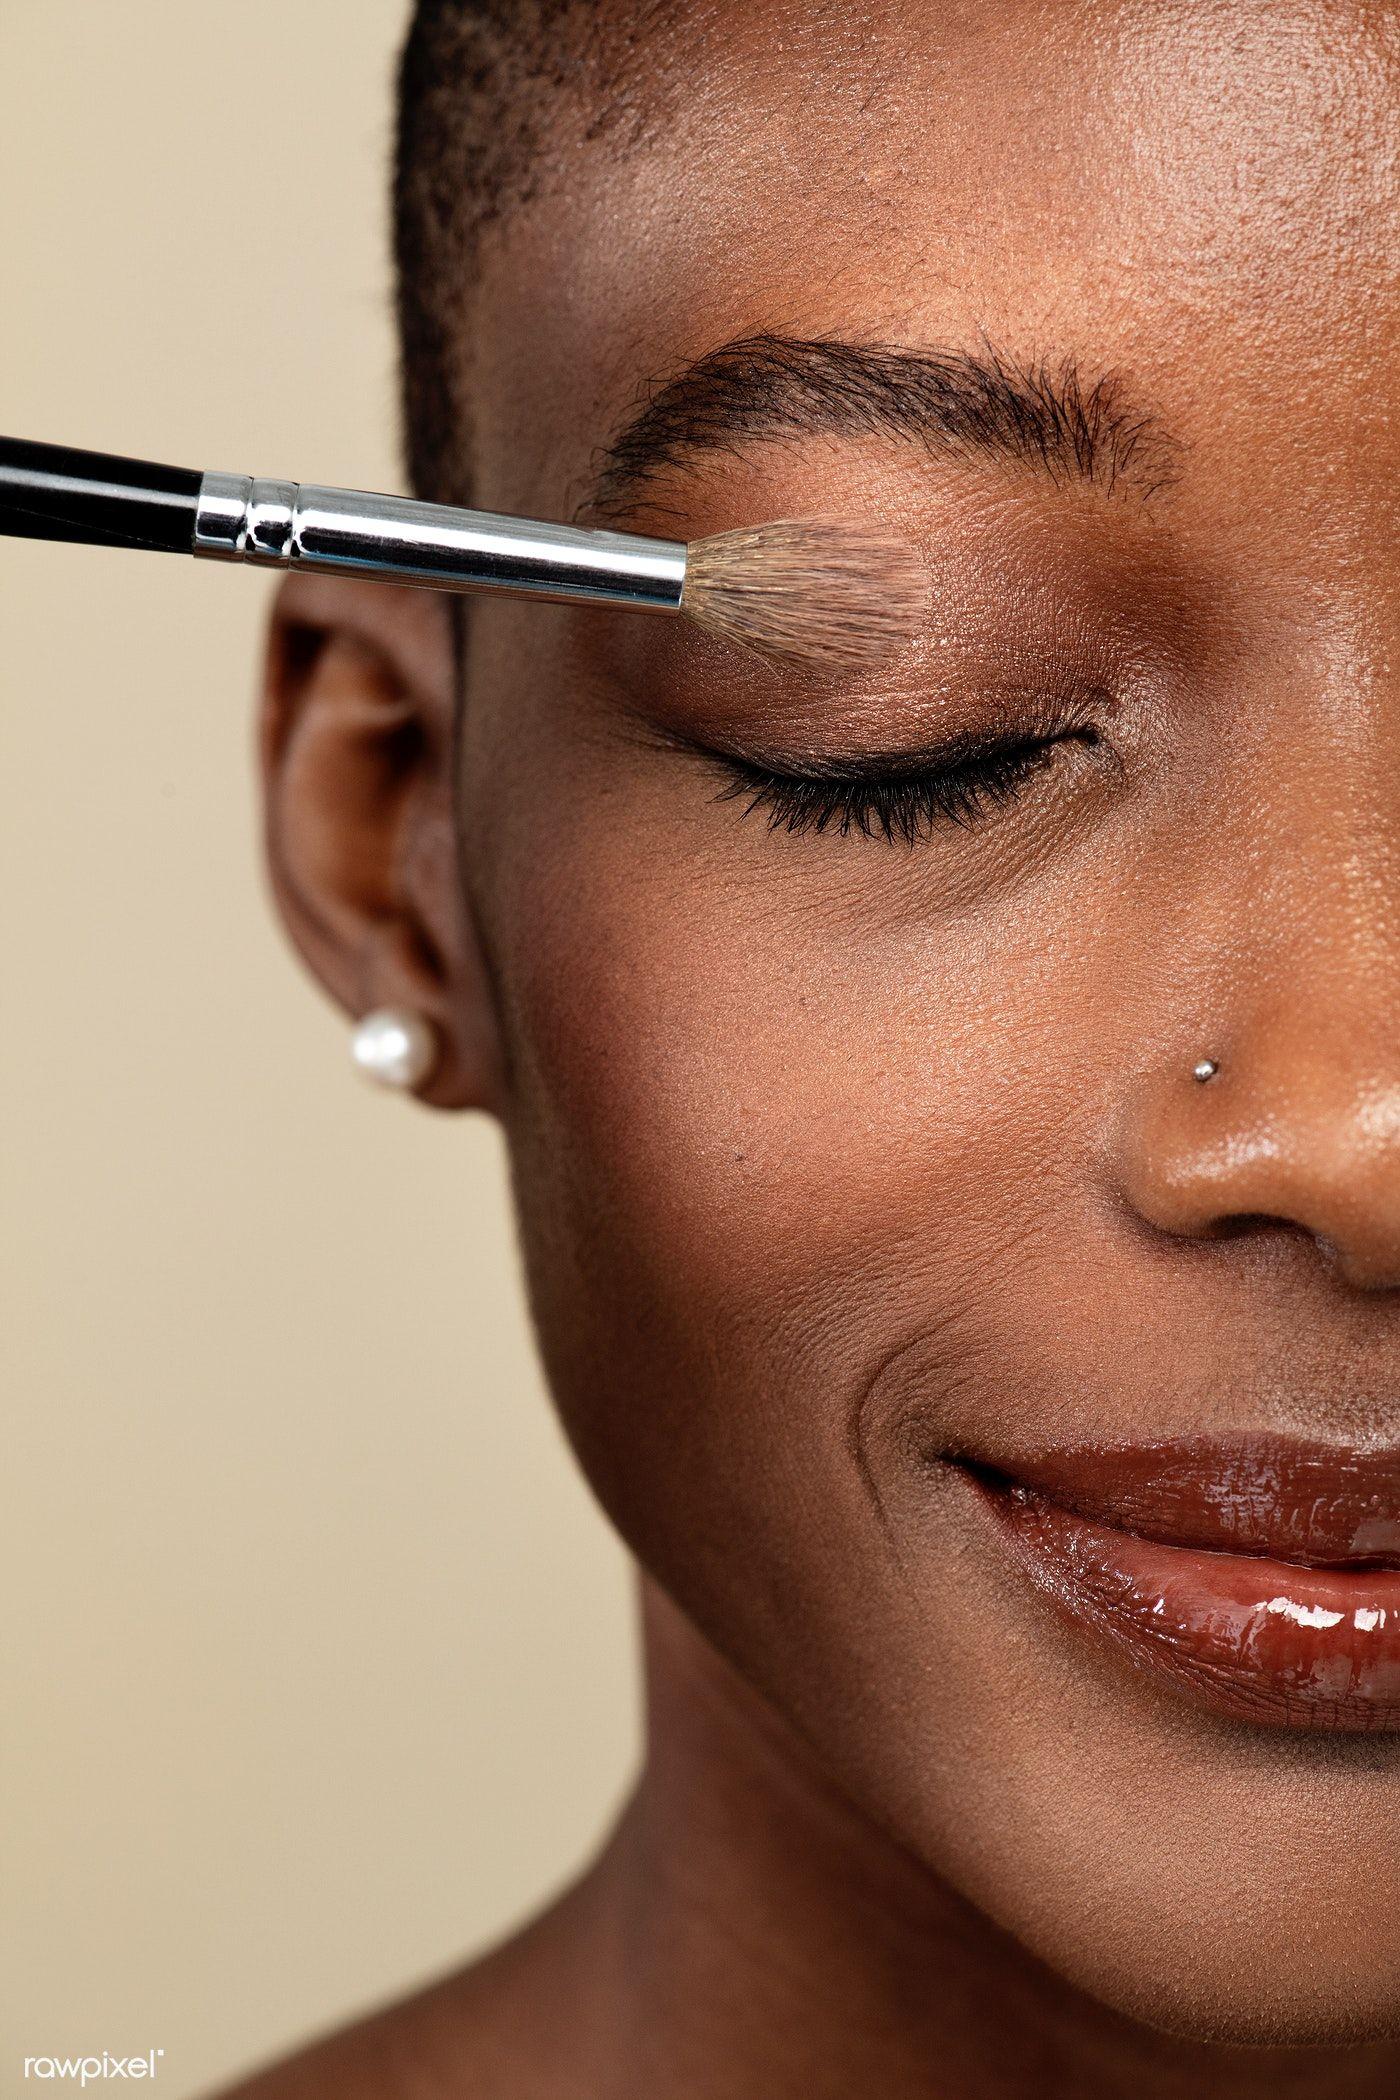 Download premium image of Makeup artist applying eye